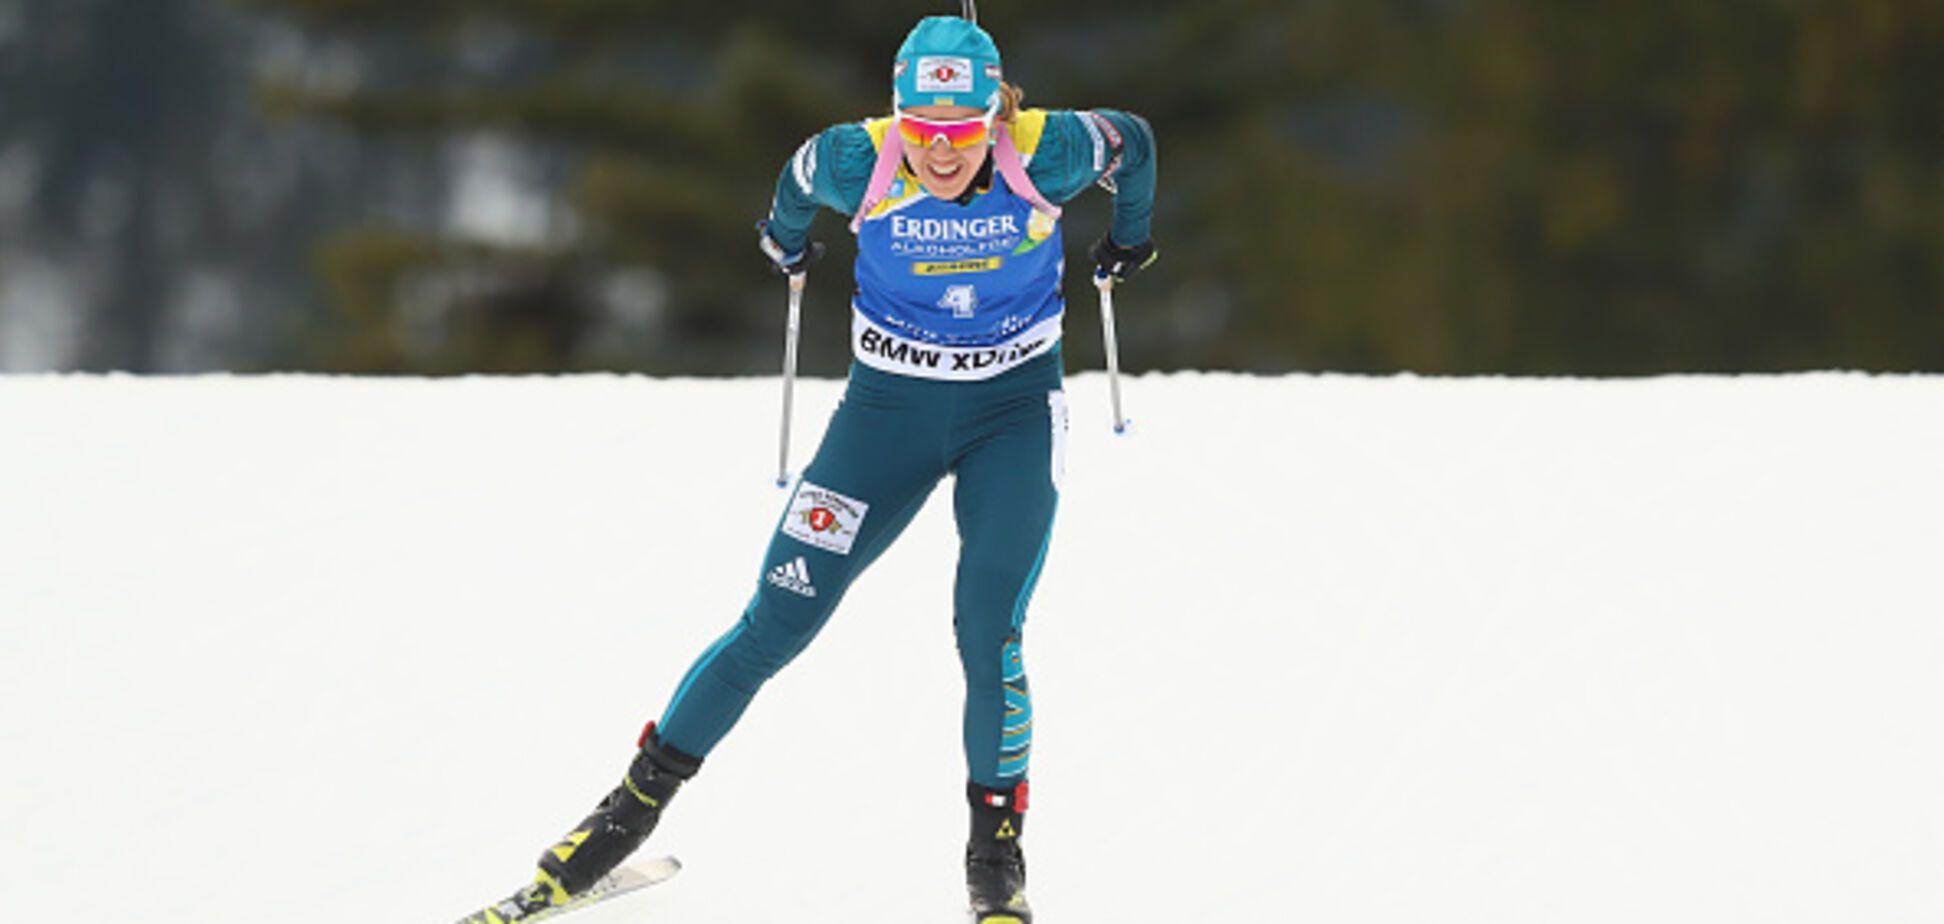 Ідеальний спринт! Українка завоювала медаль Кубка світу з біатлону